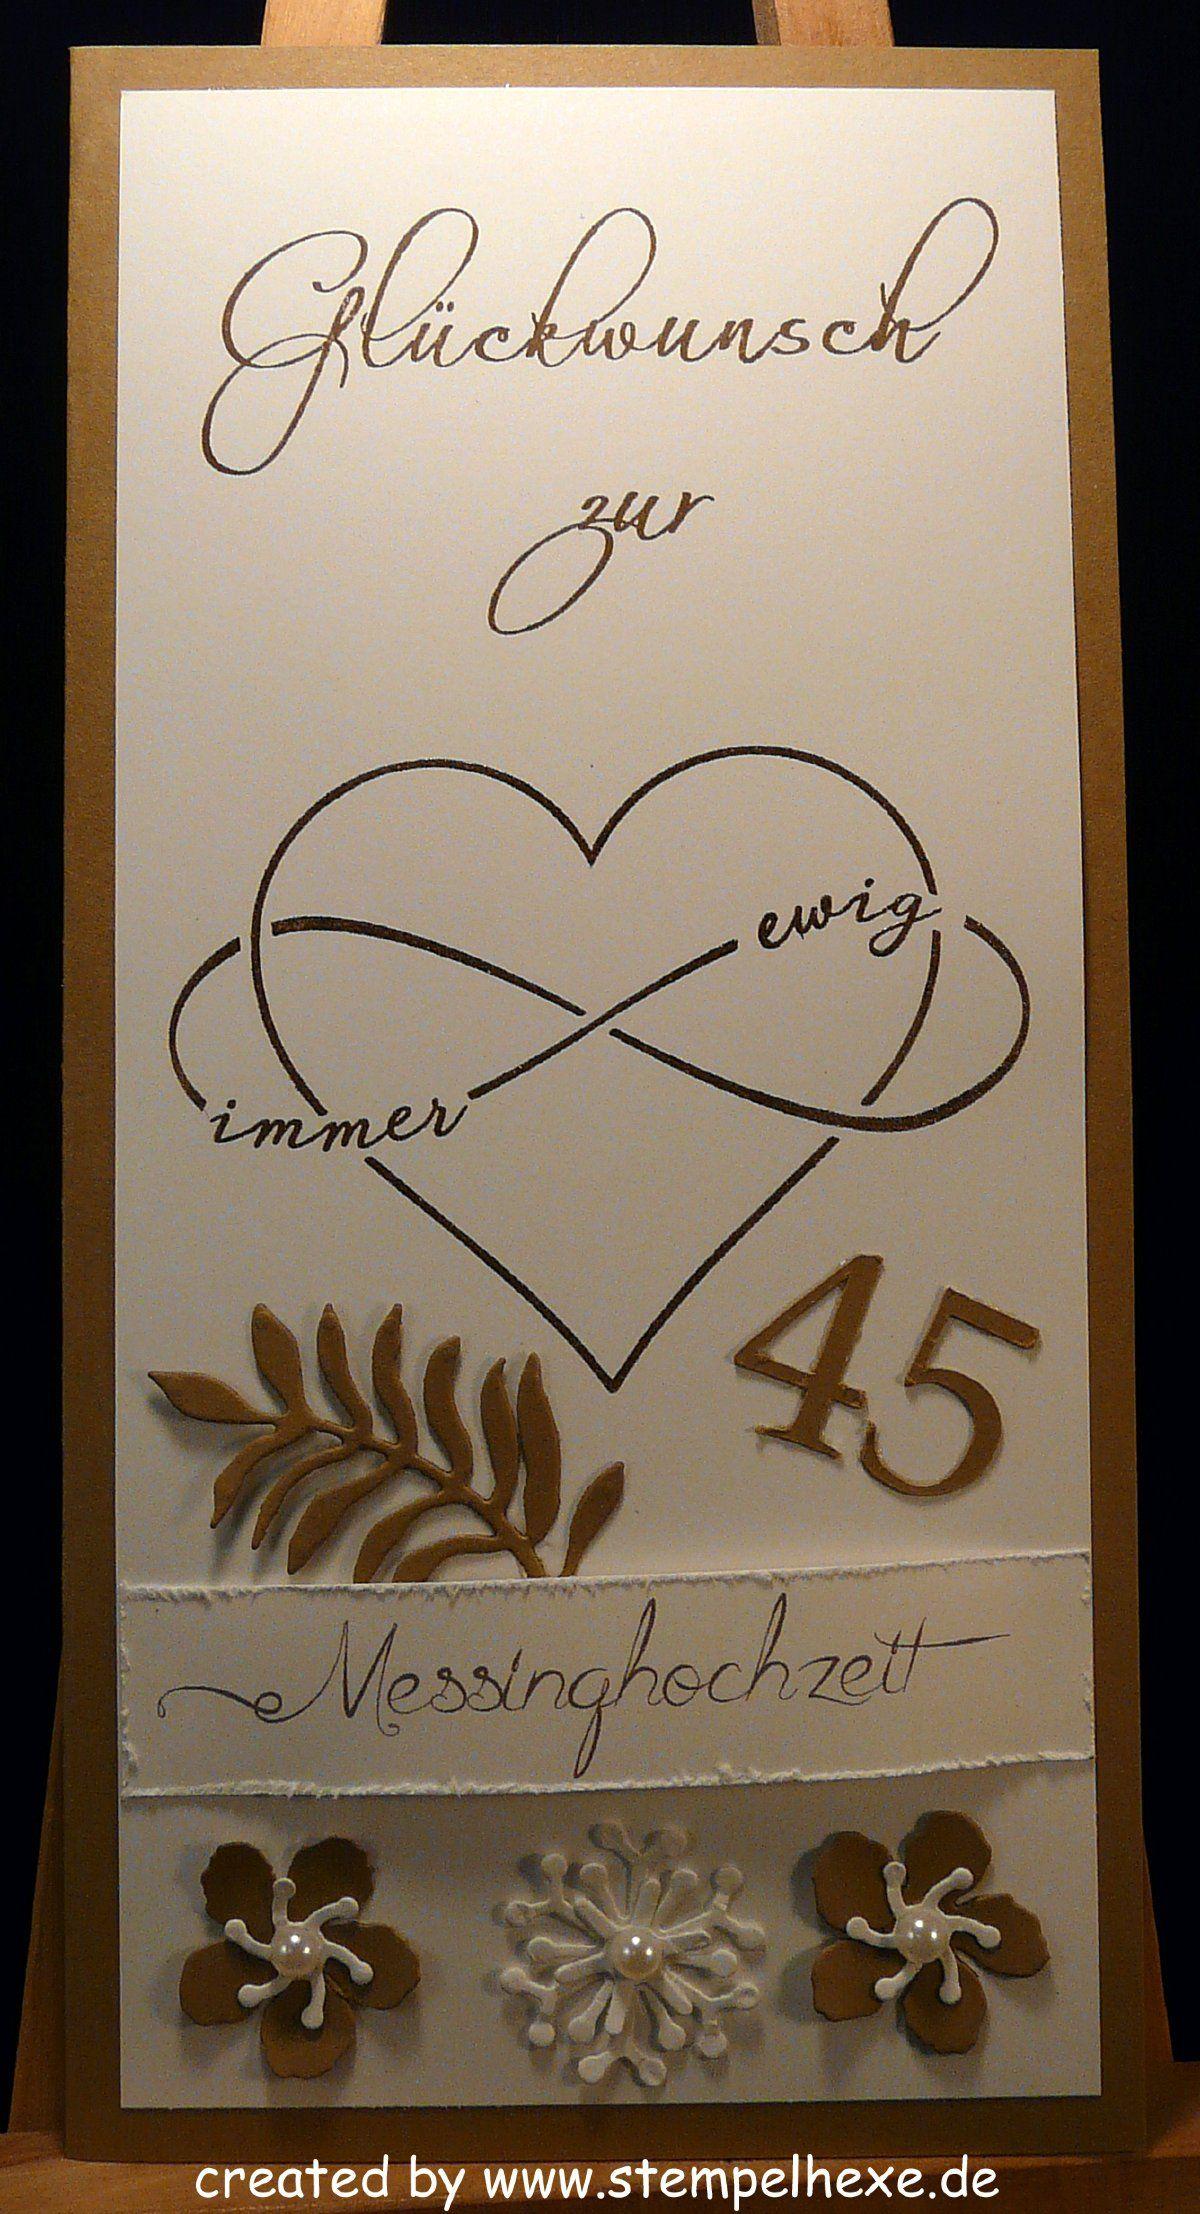 45 Hochzeitstag Messinghochzeit Stampin Stempelhex 45